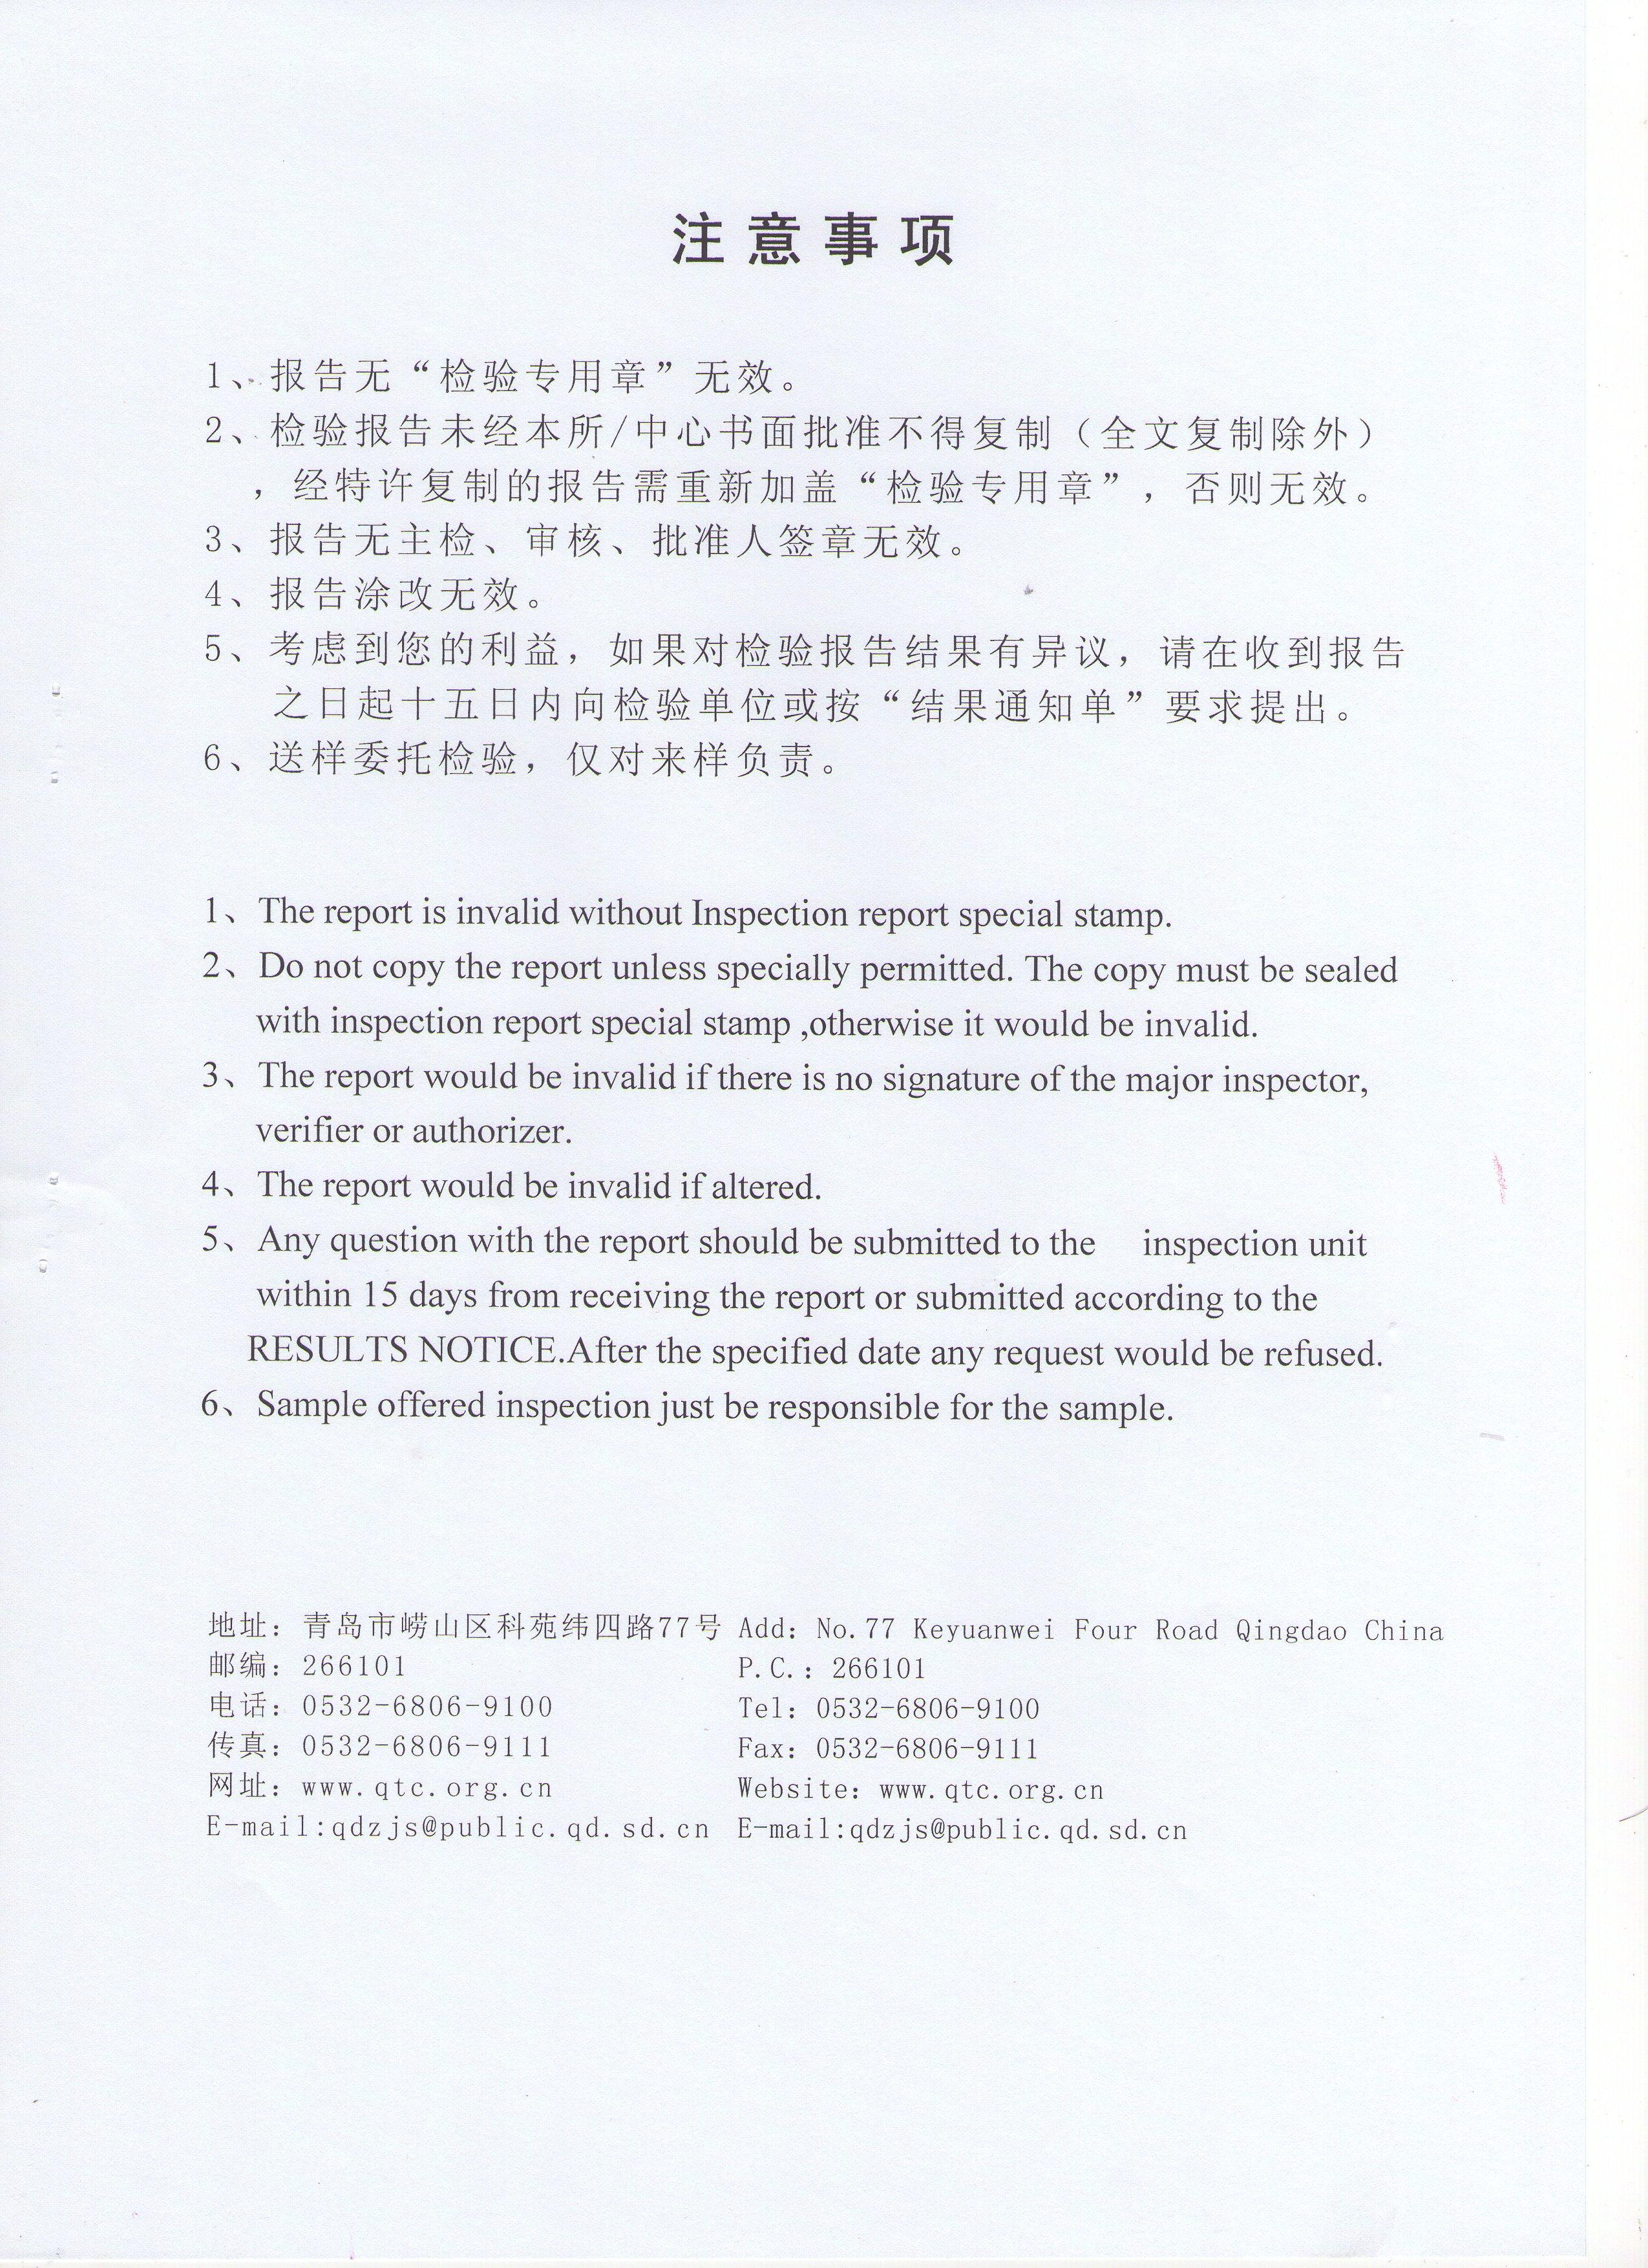 2012青岛质监局处置惩罚样4